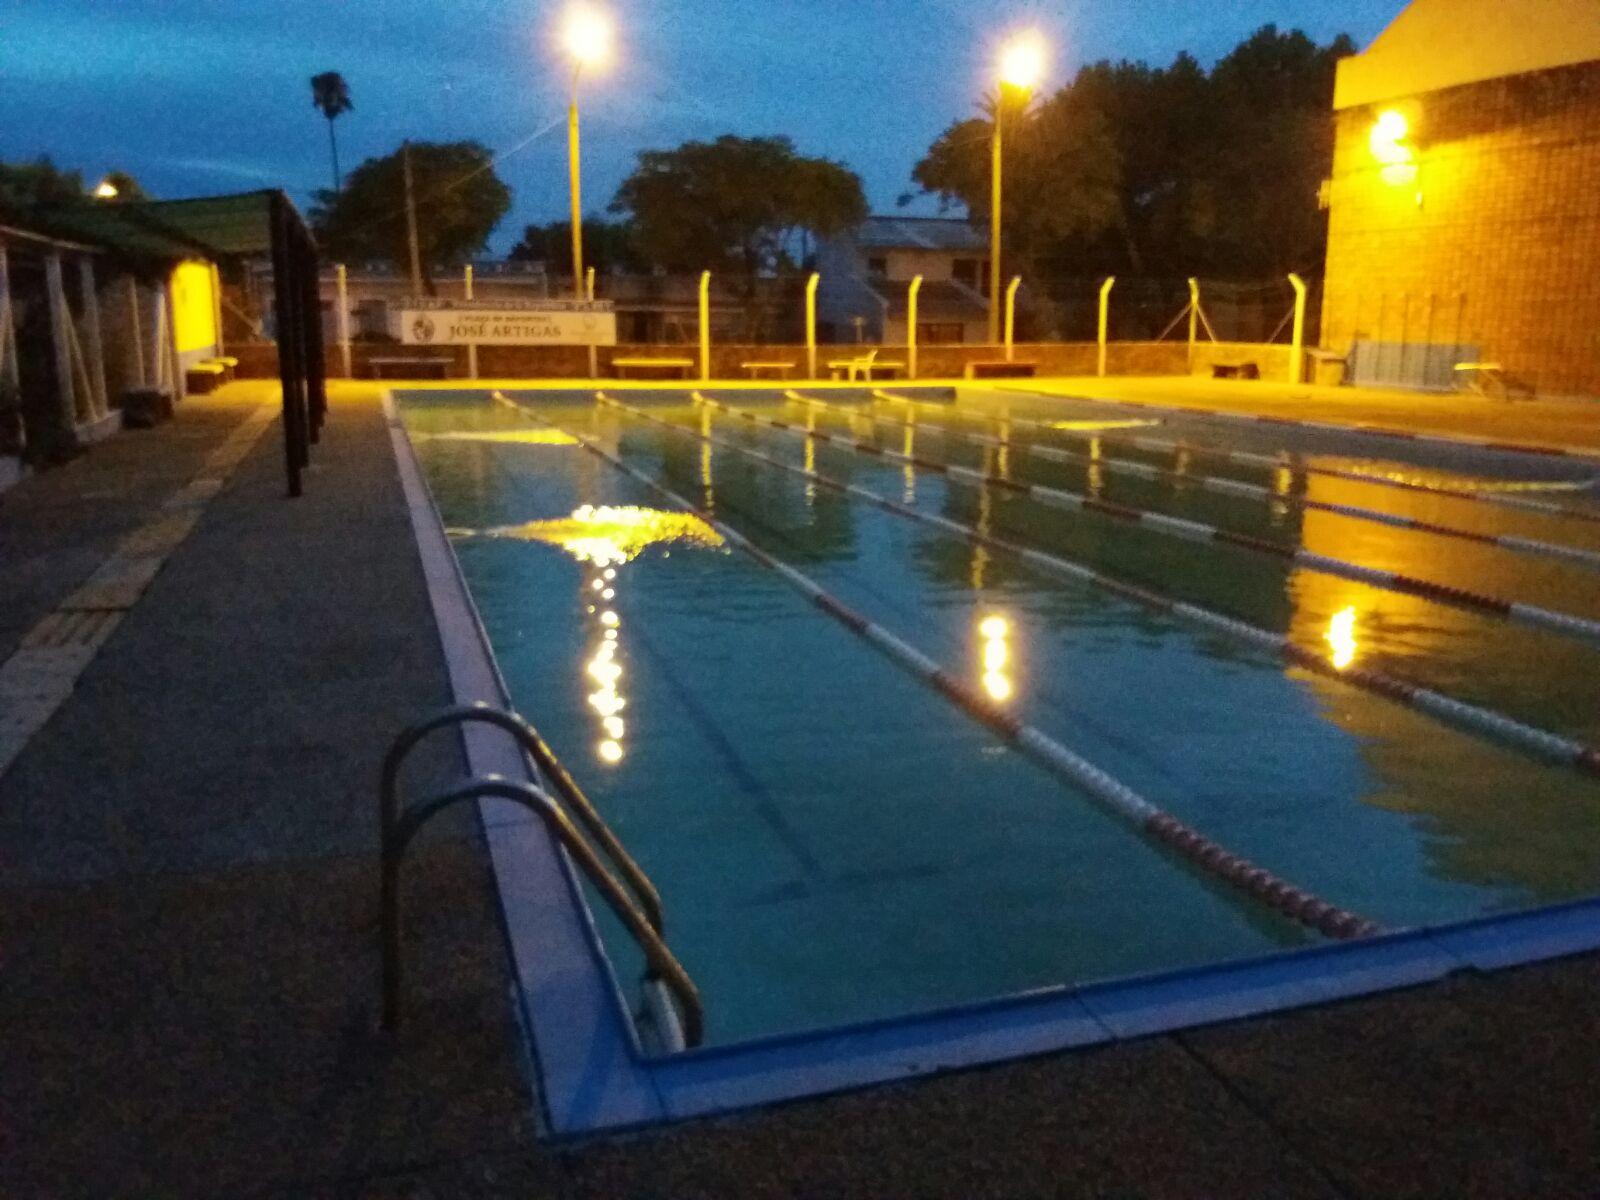 Casi 800 inscriptos para la piscina municipal p gina for Piscina municipal fuenlabrada 2017